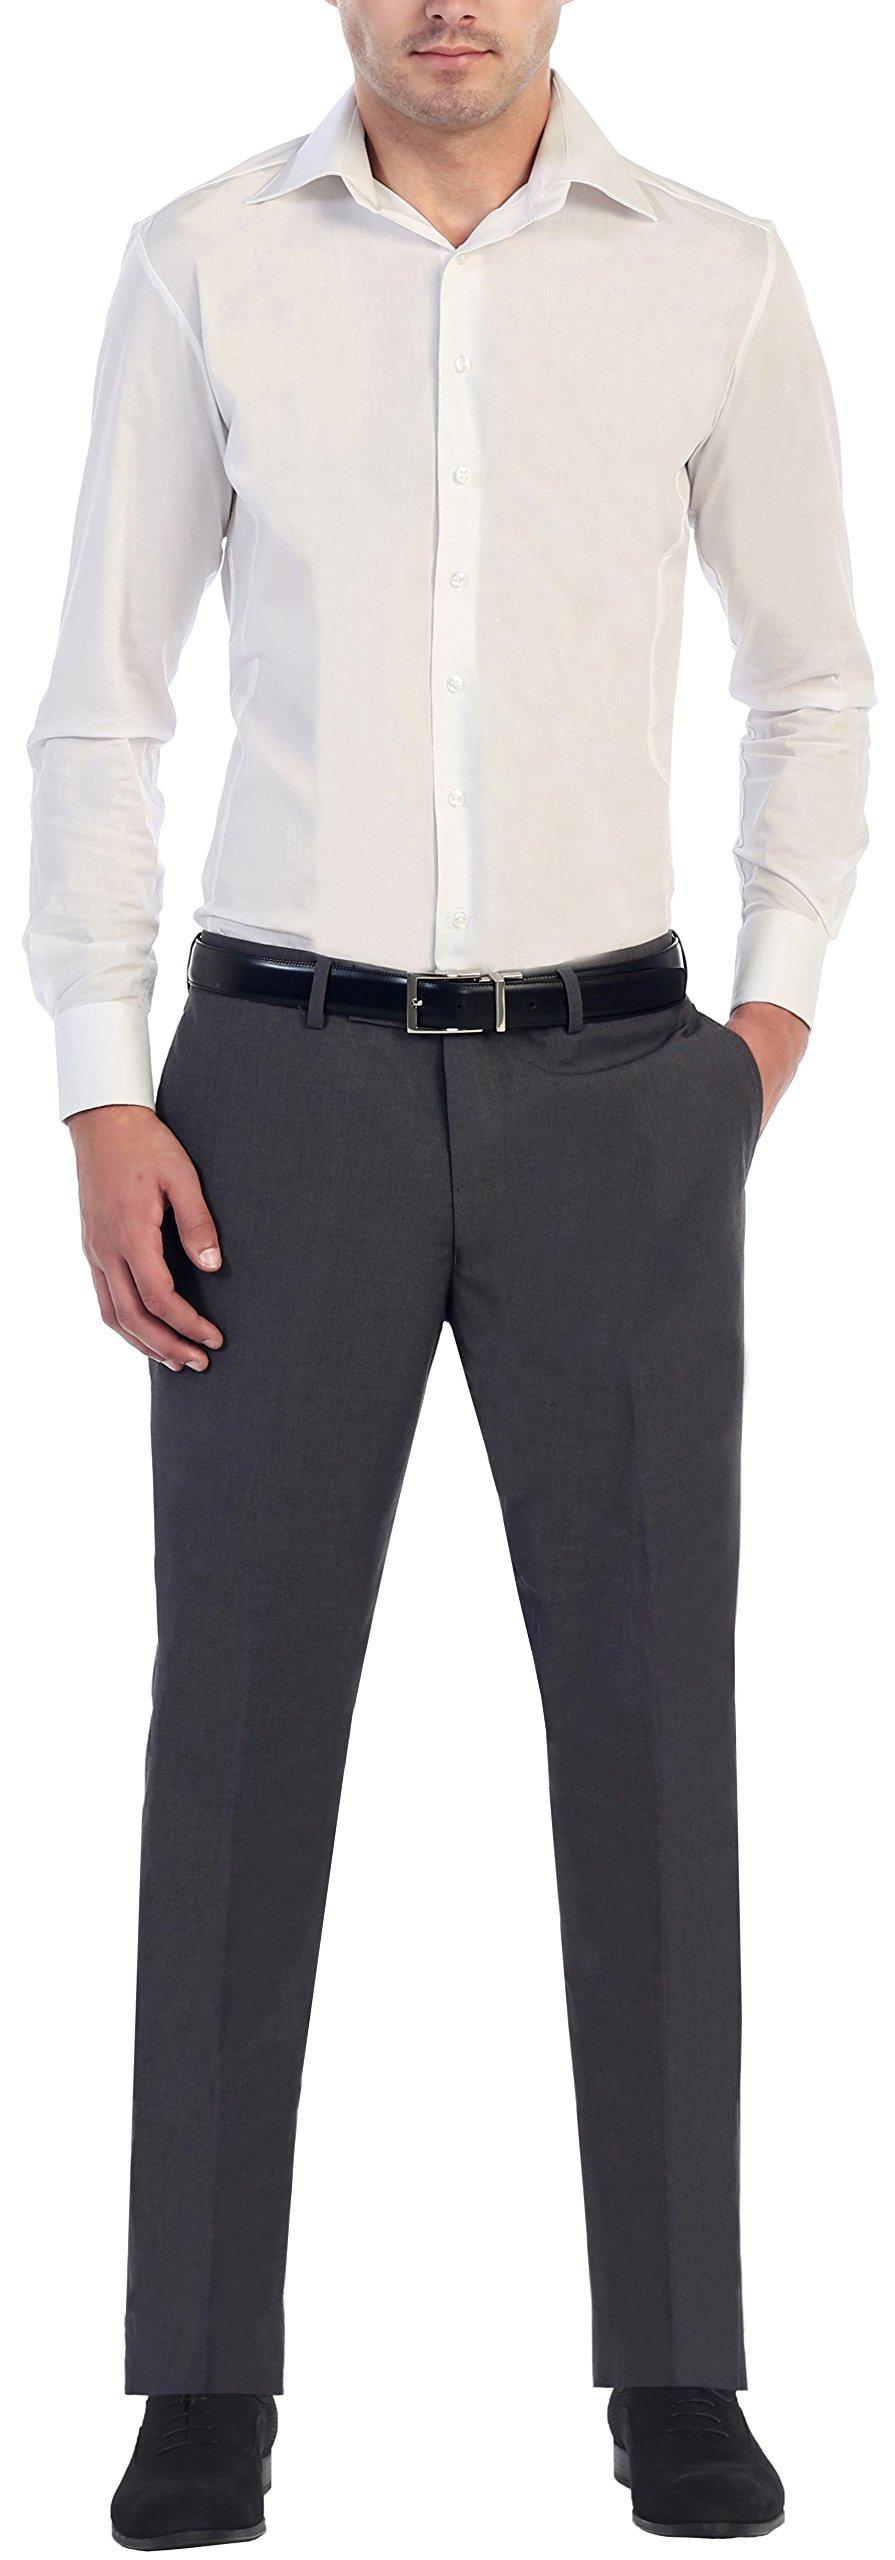 Studio 10 Men's Gioberti Slim Fit Dress Pants